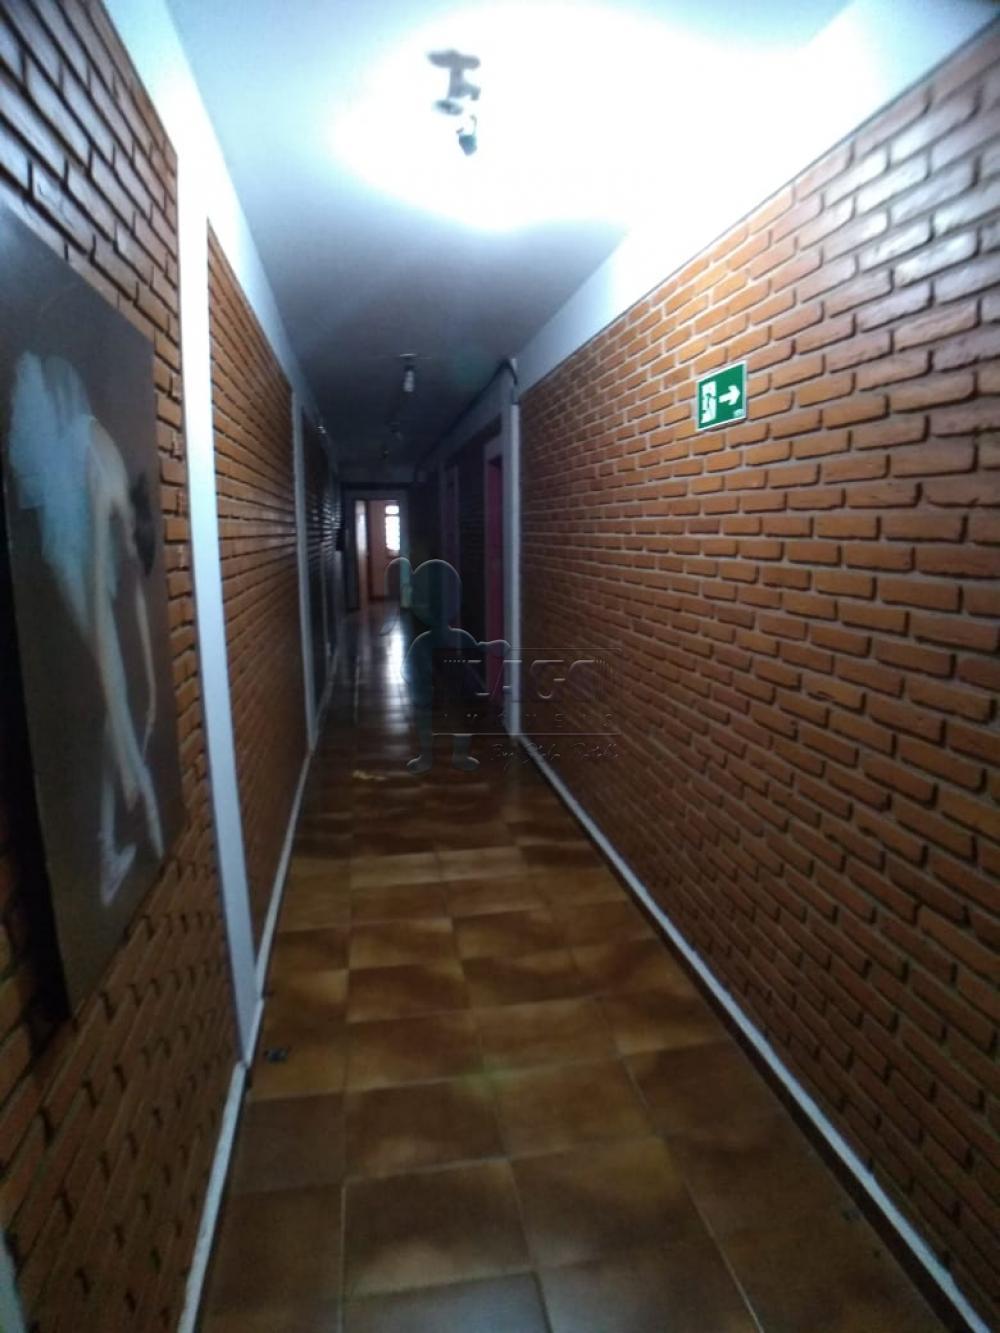 Alugar Comercial / Imóvel Comercial em Ribeirão Preto apenas R$ 4.000,00 - Foto 15